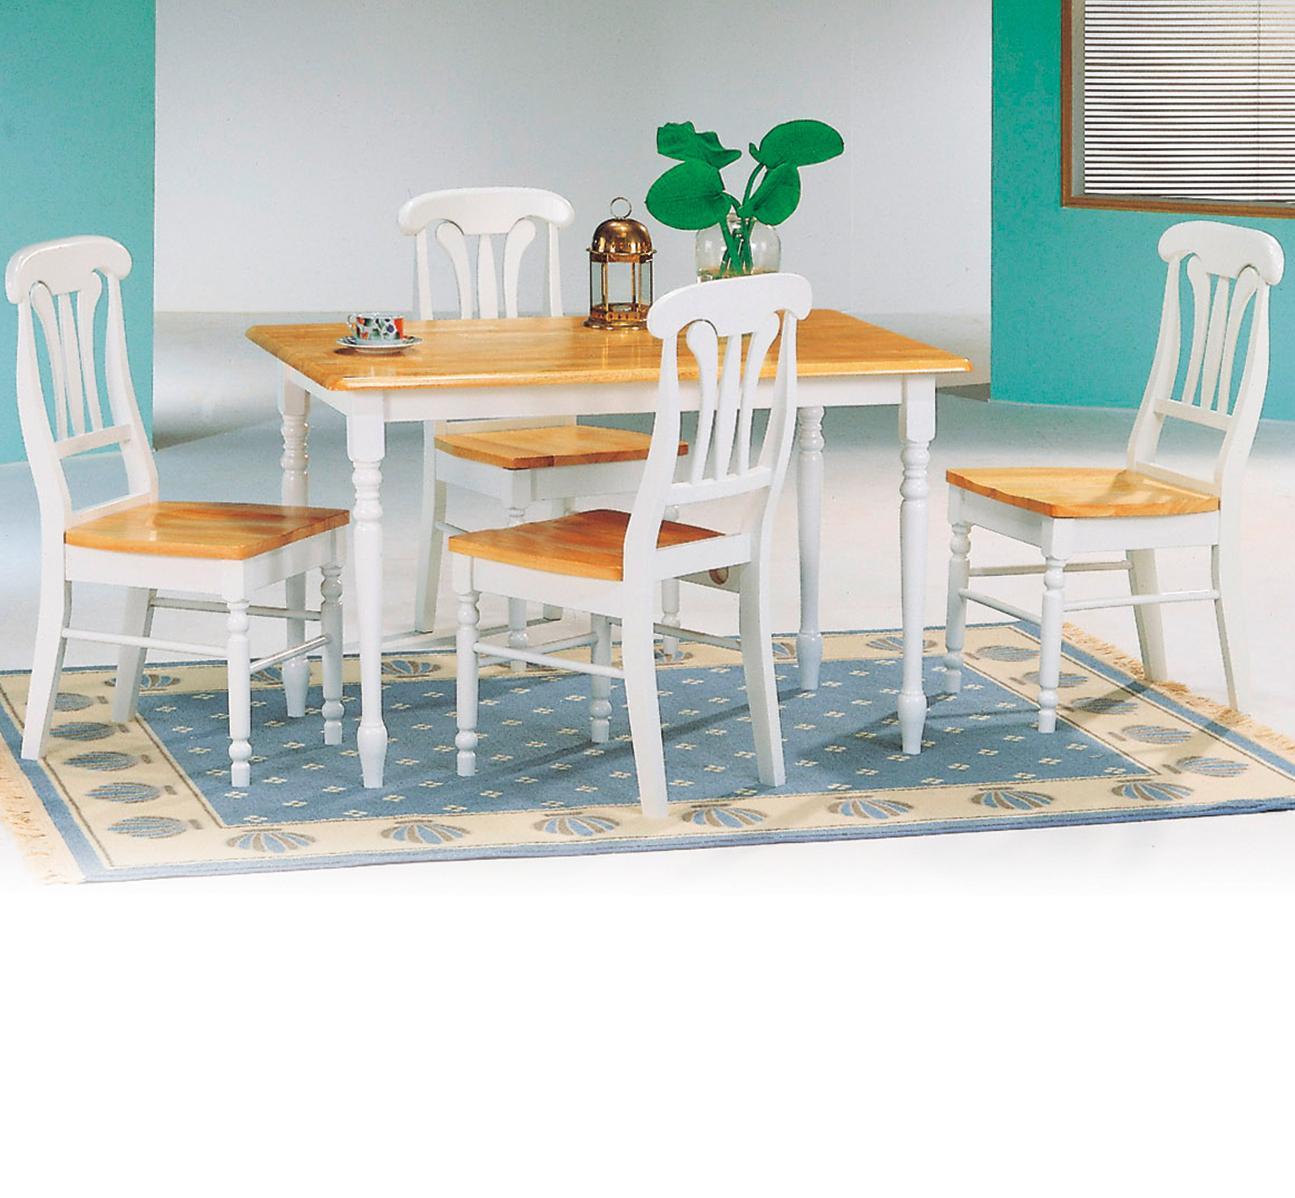 Coaster Damen 5 Piece Dining Set - Item Number: 4147+4X222